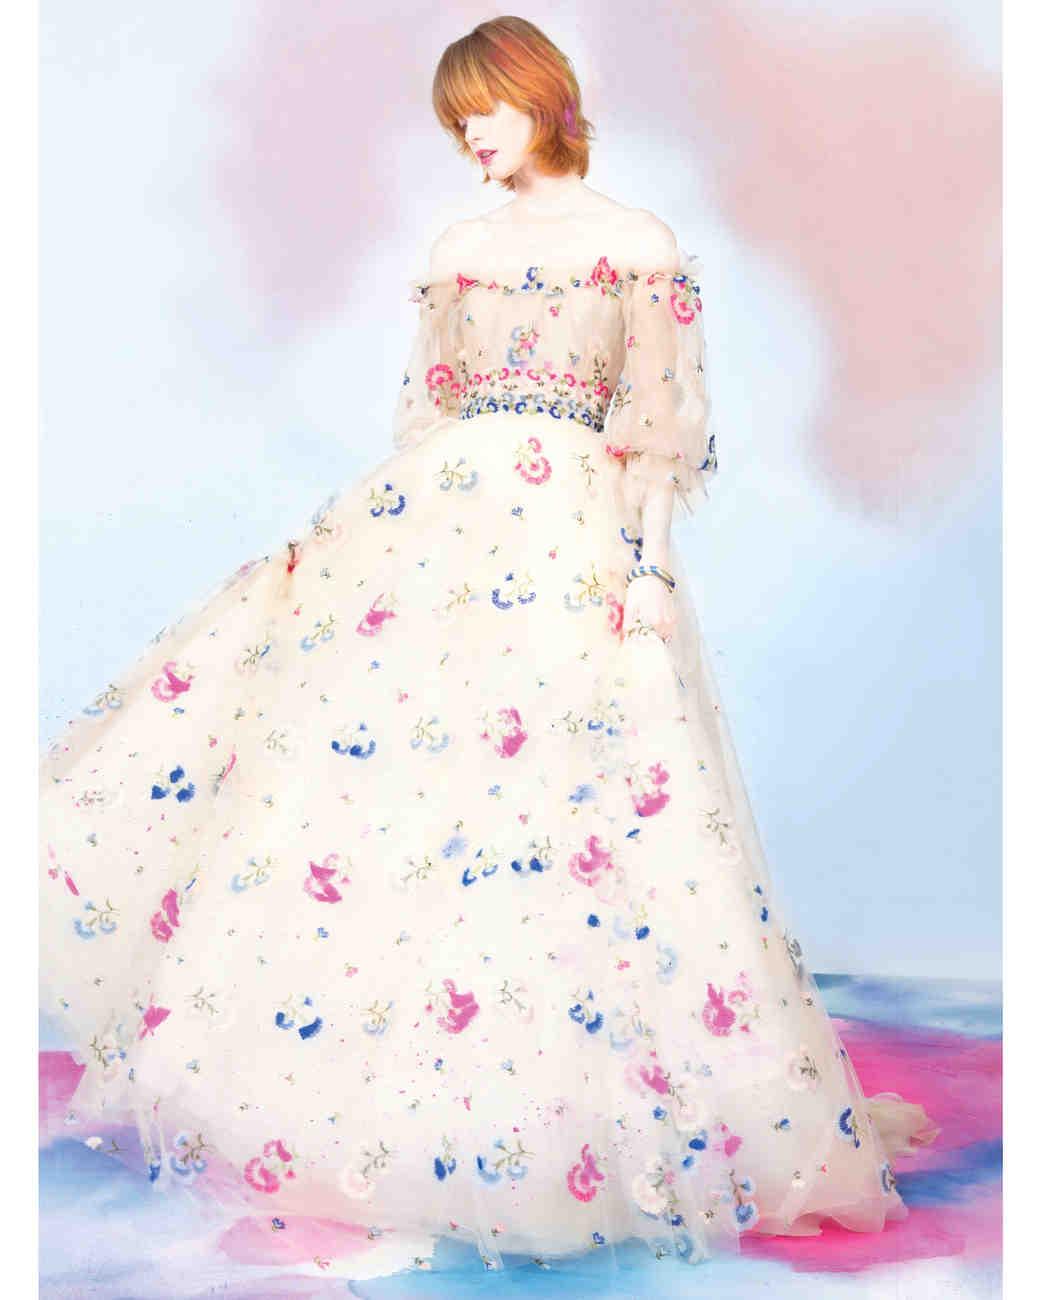 mlouisa-off-the-shoulder-tulle-floral-dress-70-d112700.jpg